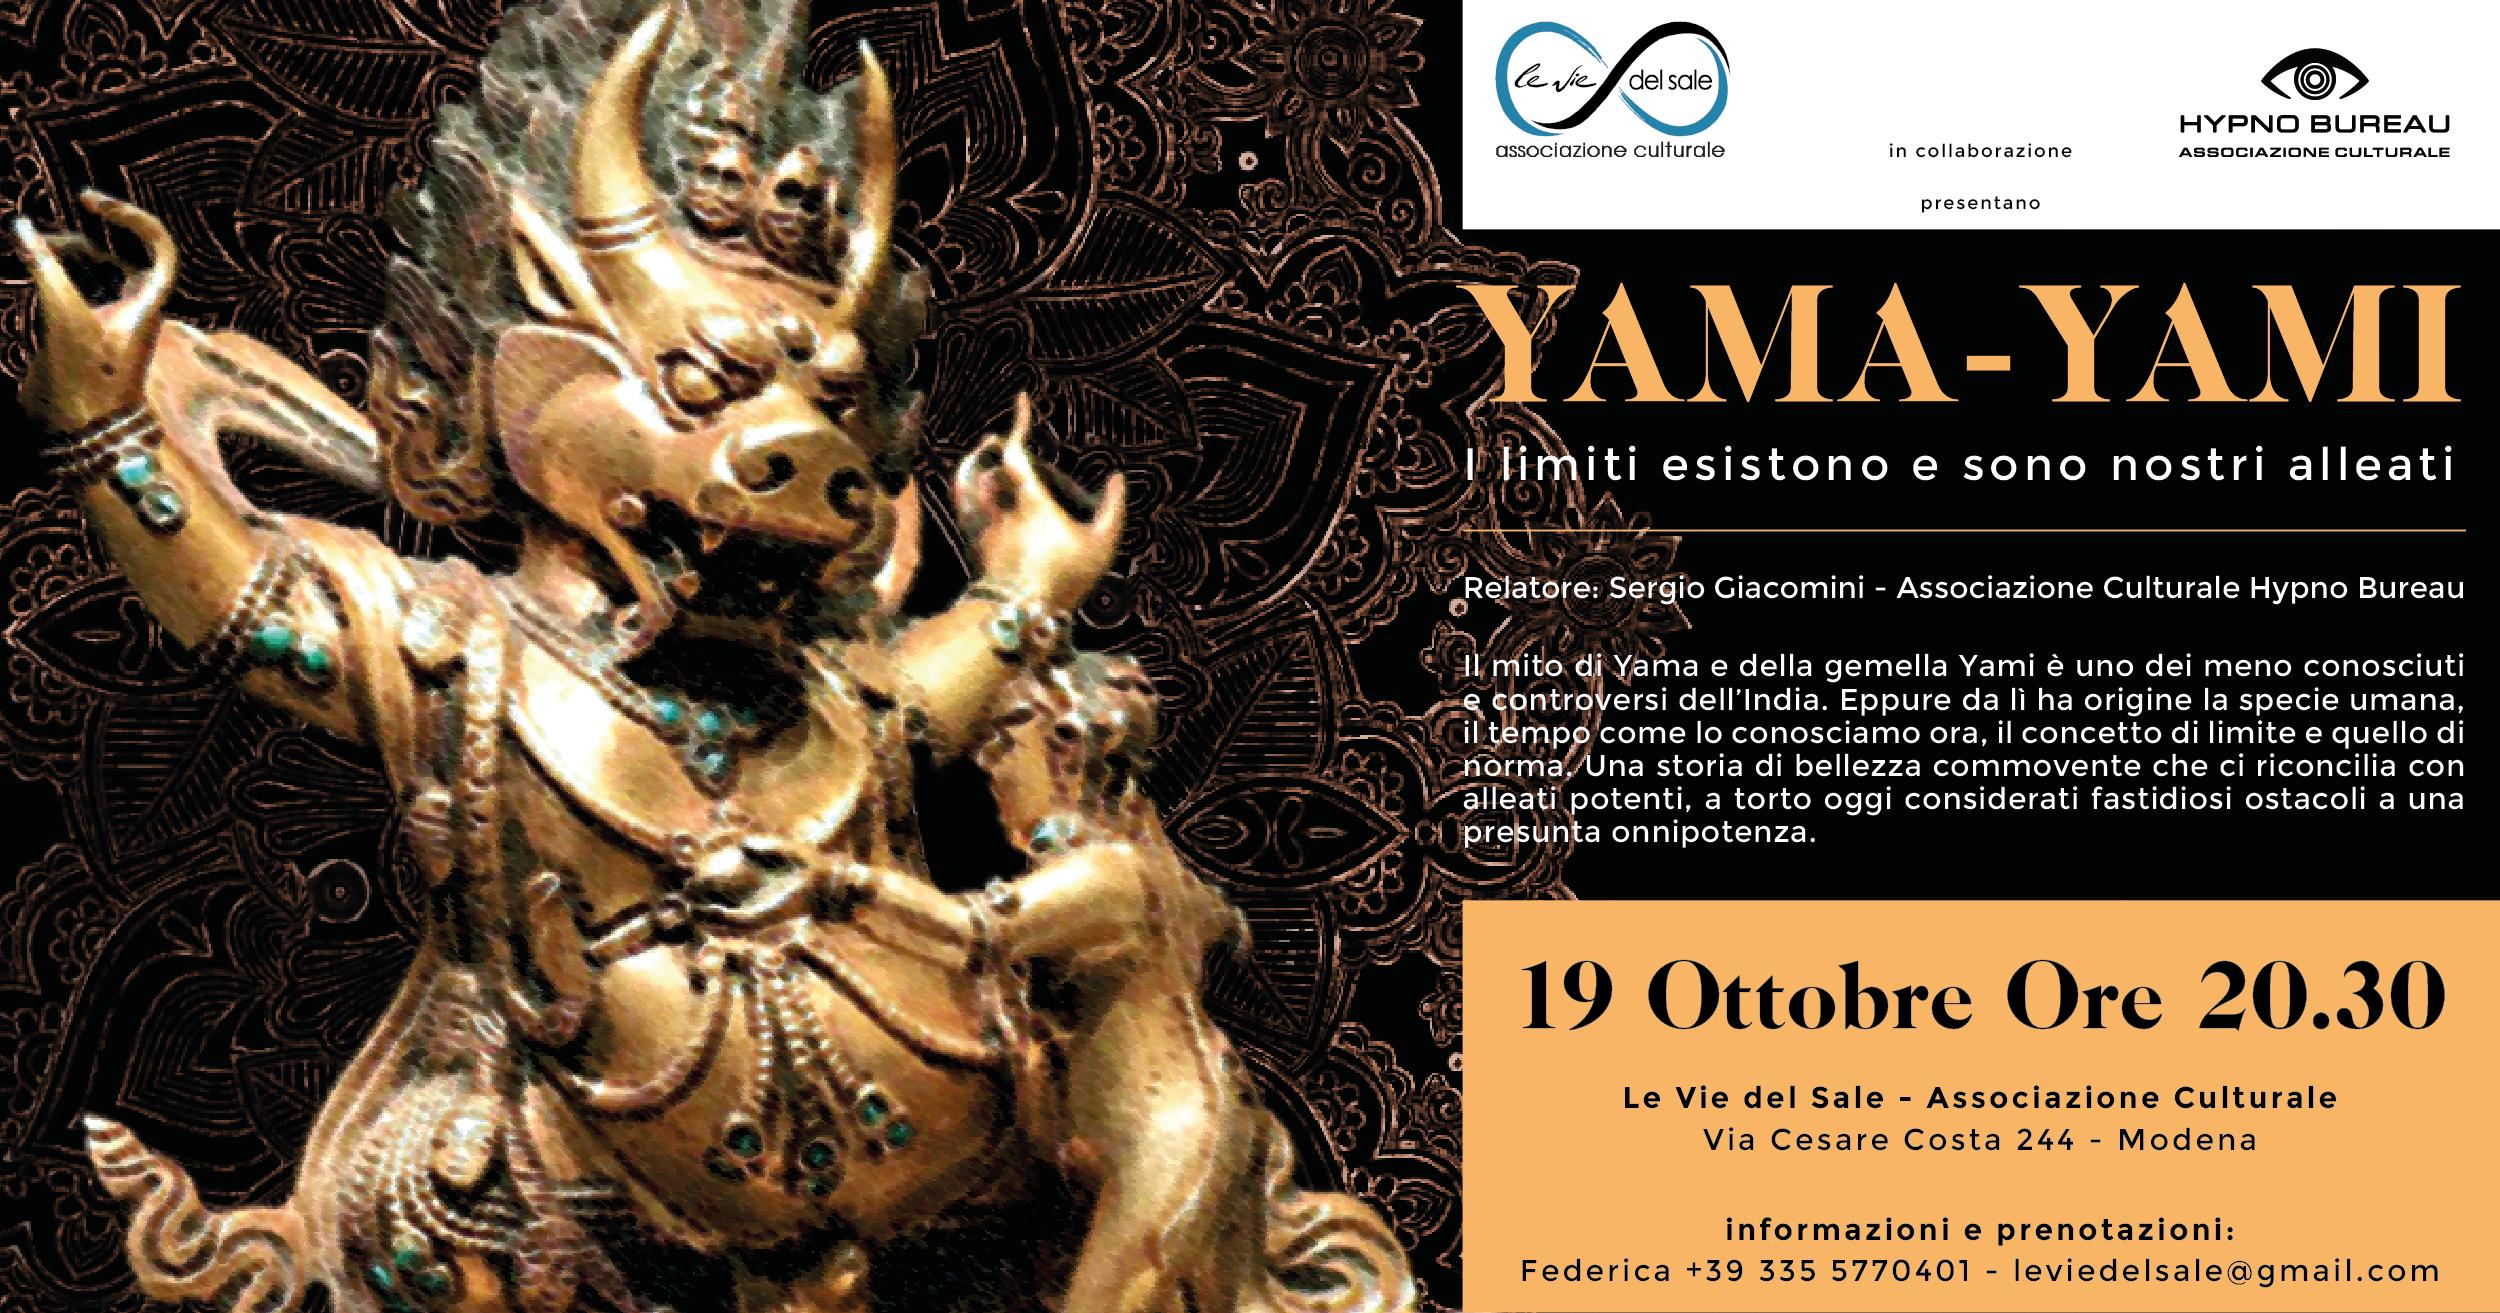 Yama Yami - i limiti esistono e sono nostri alleati - Hypno Bureau in collaborazione con Le Vie del Sale